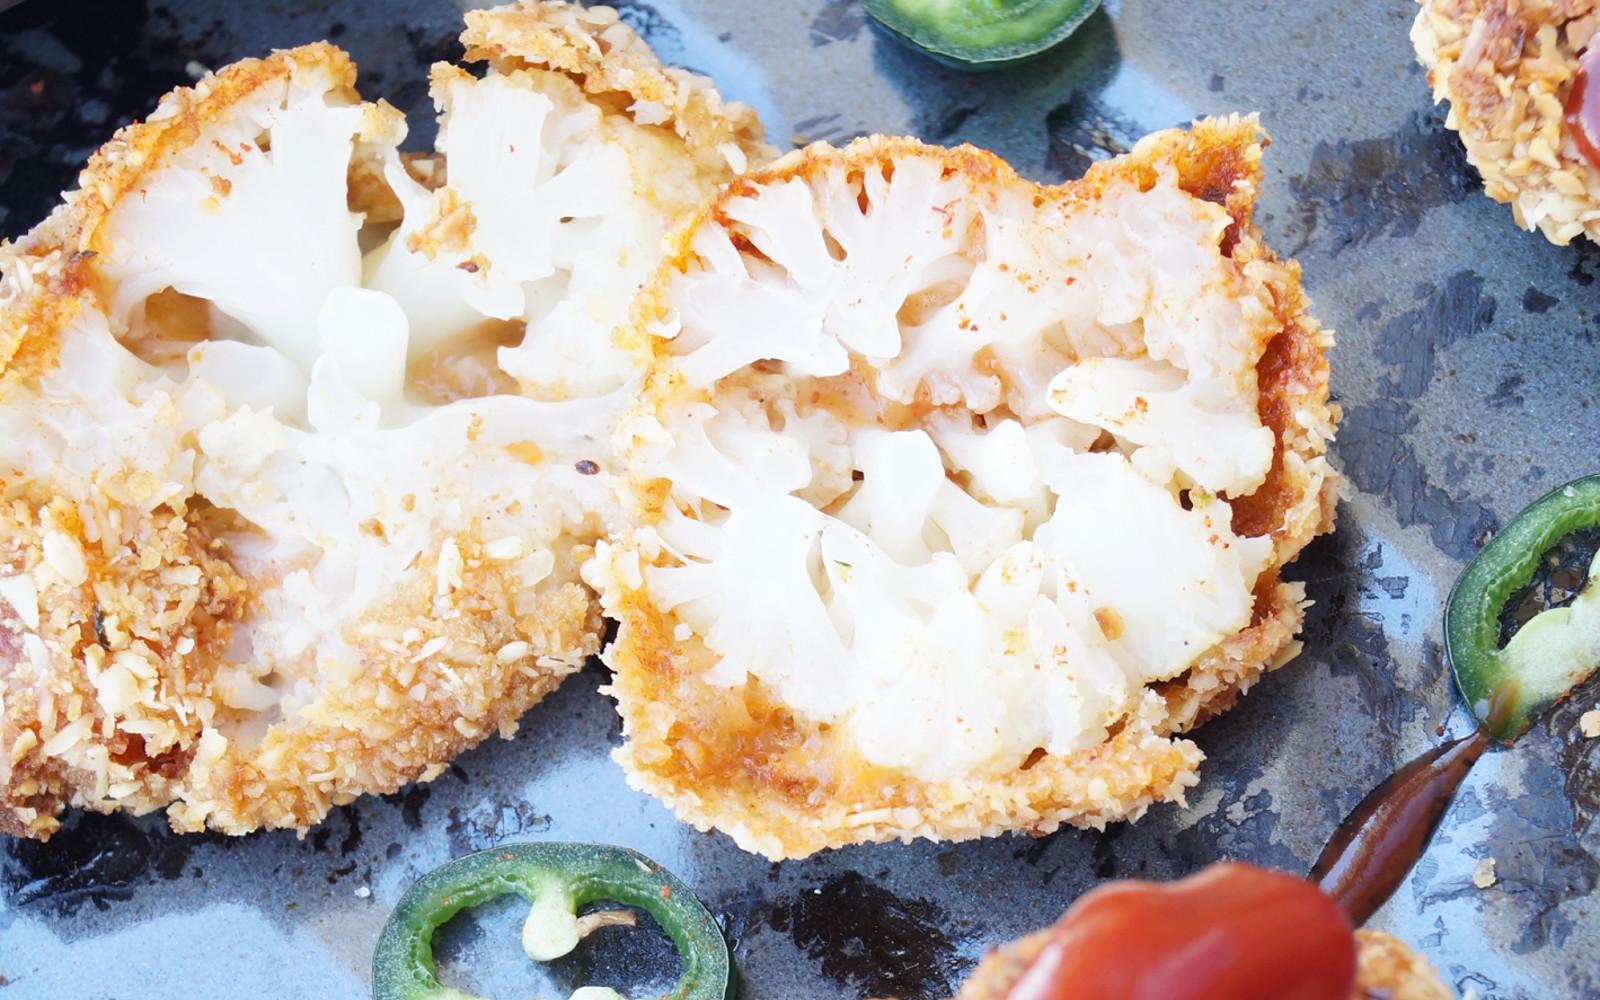 Spicy Crunchy Cauliflower Wings